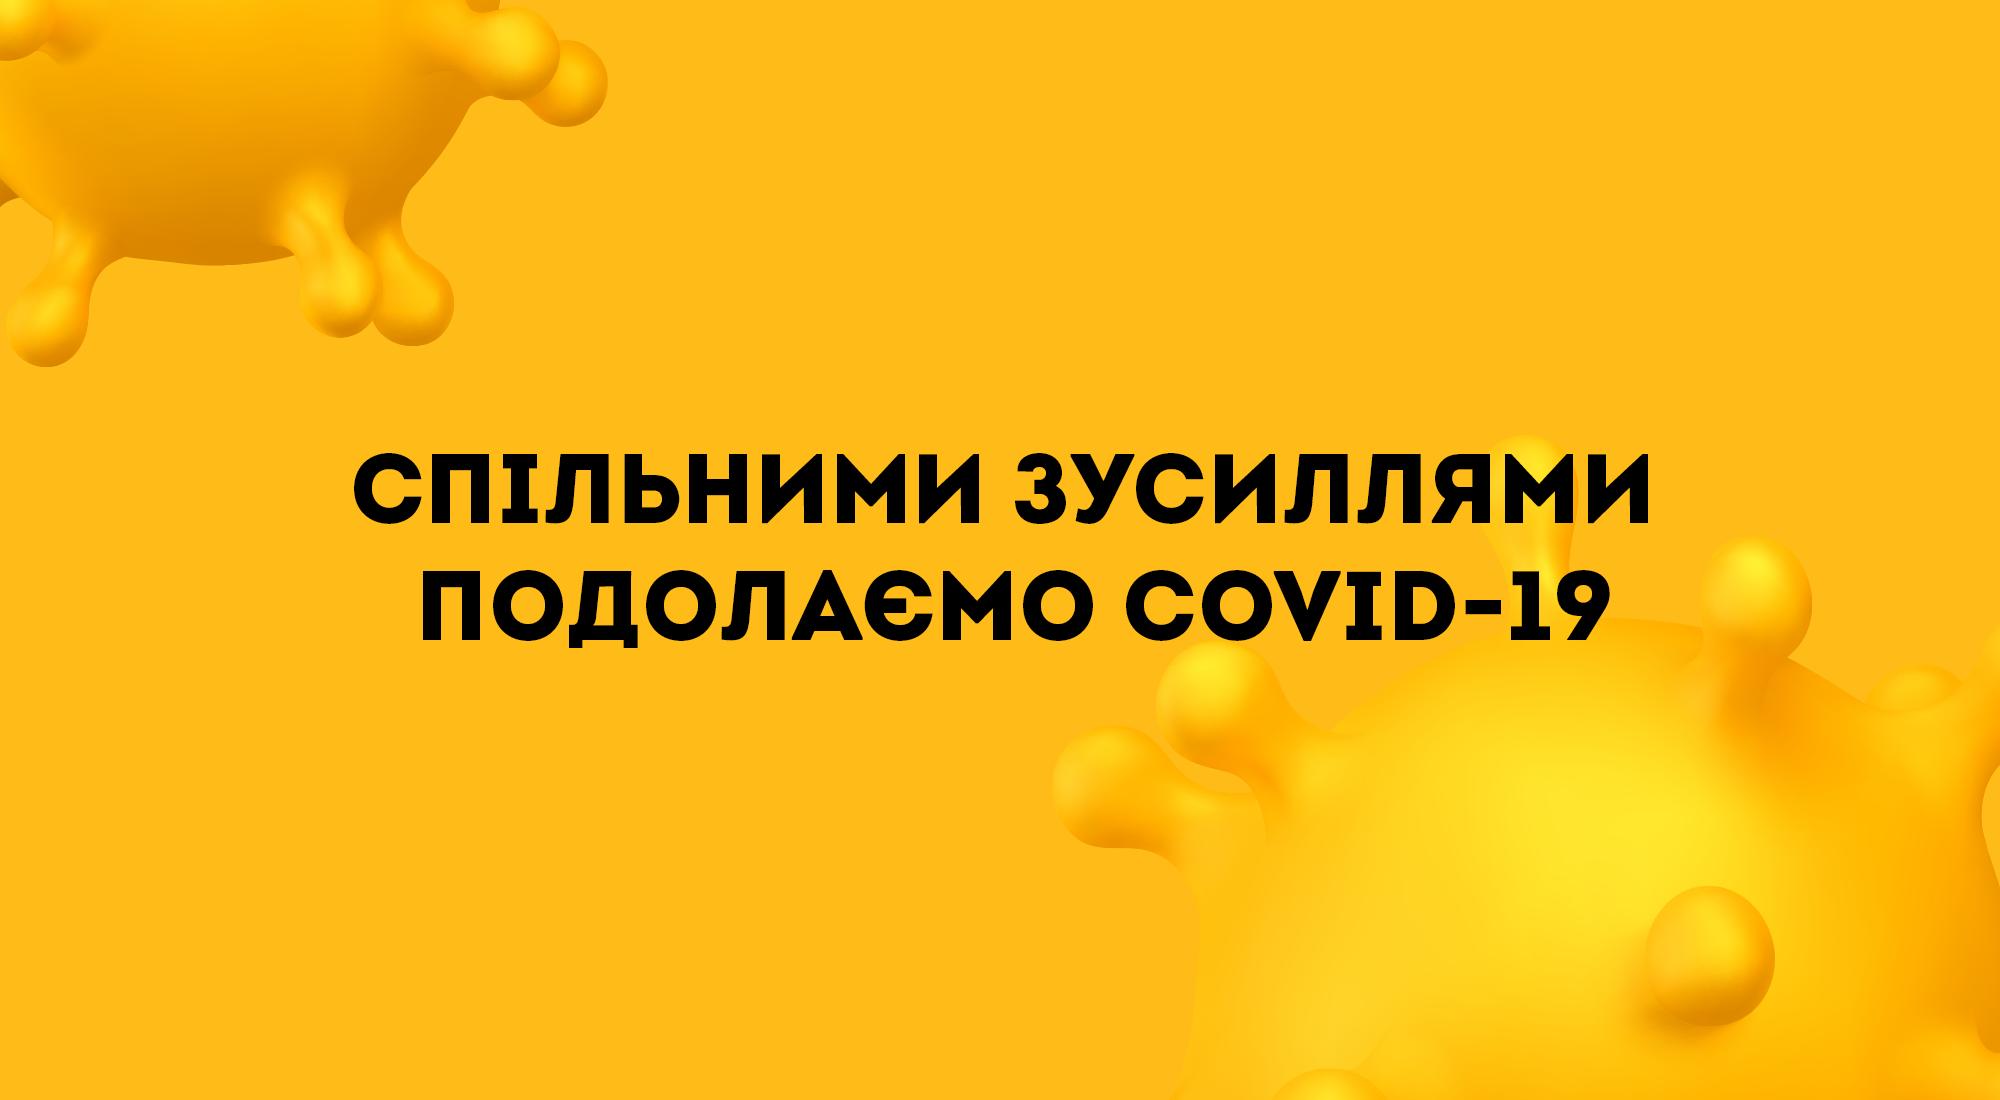 БРСМ-Нафта приобрела необходимые медикаменты для института пульмонологии